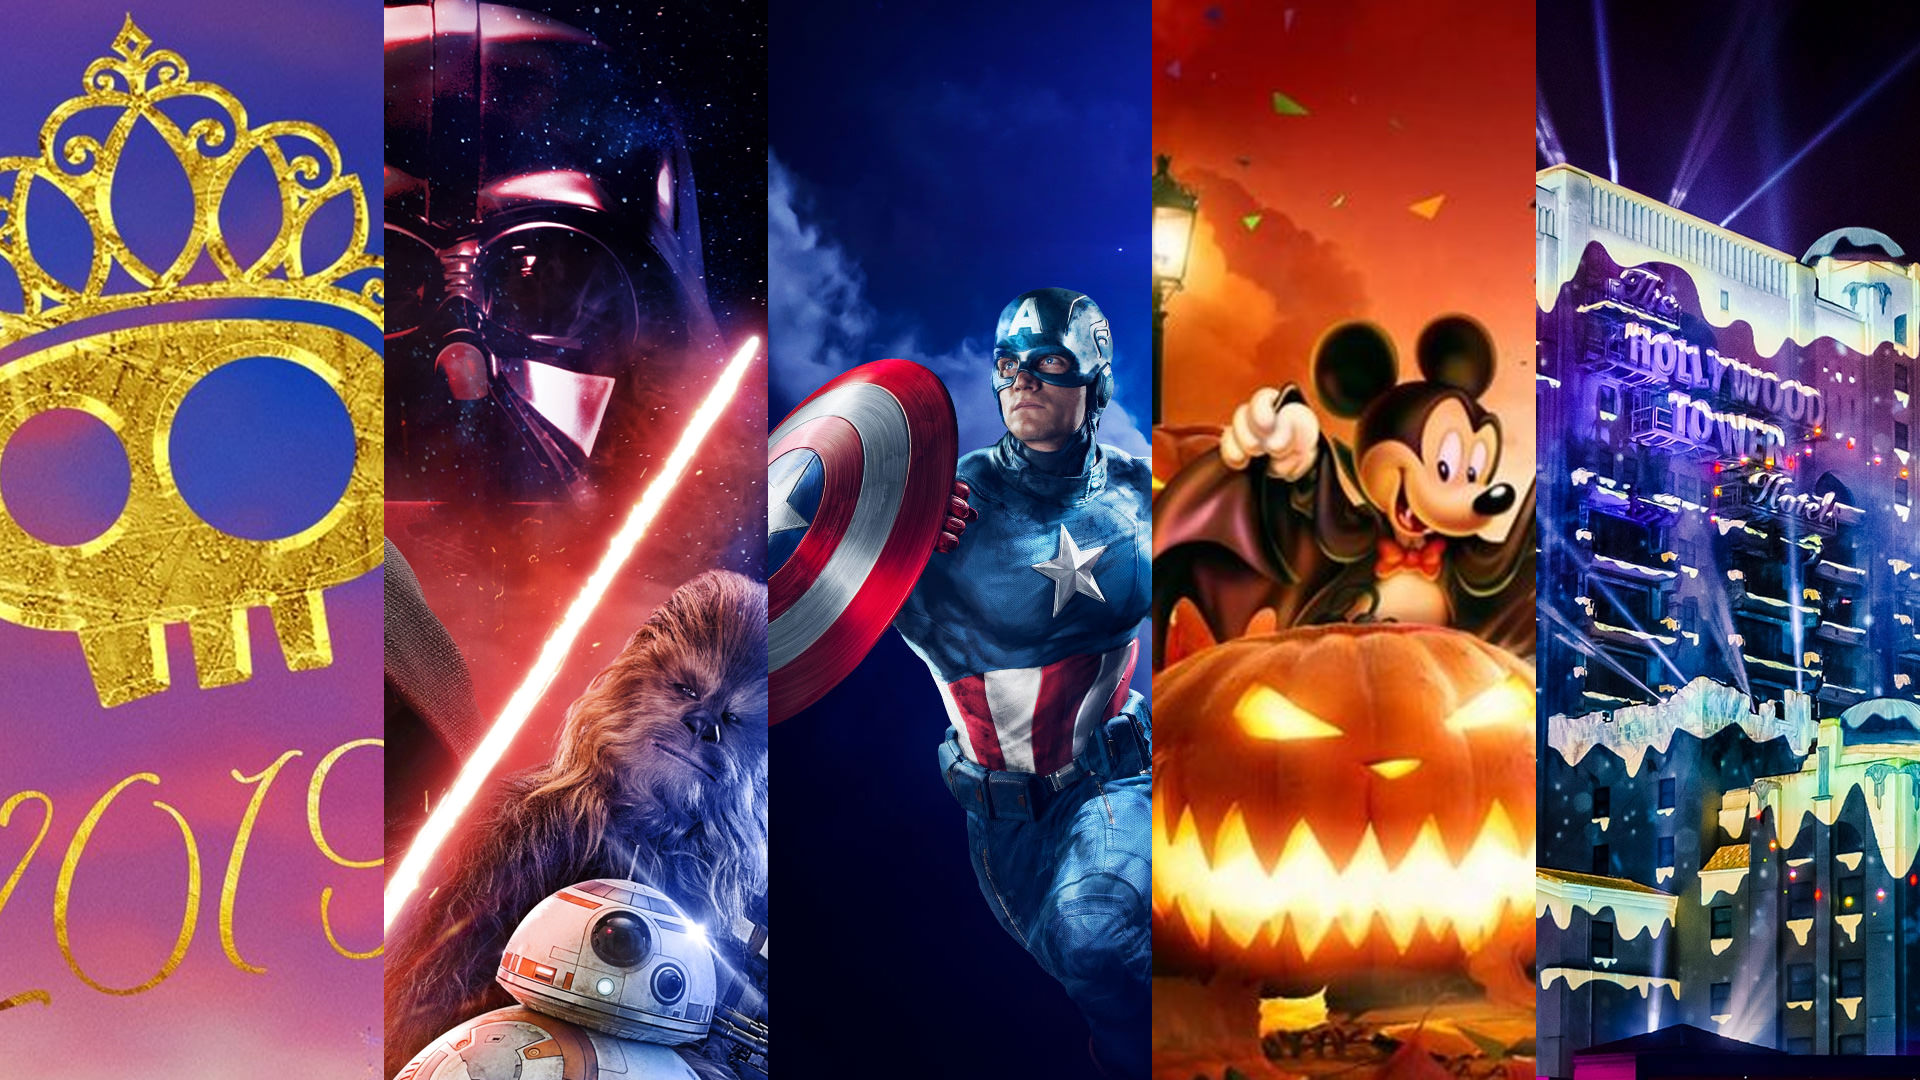 Saison Halloween Disneyland Paris 2019.Toutes Les Saisons De Disneyland Paris En 2019 Hello